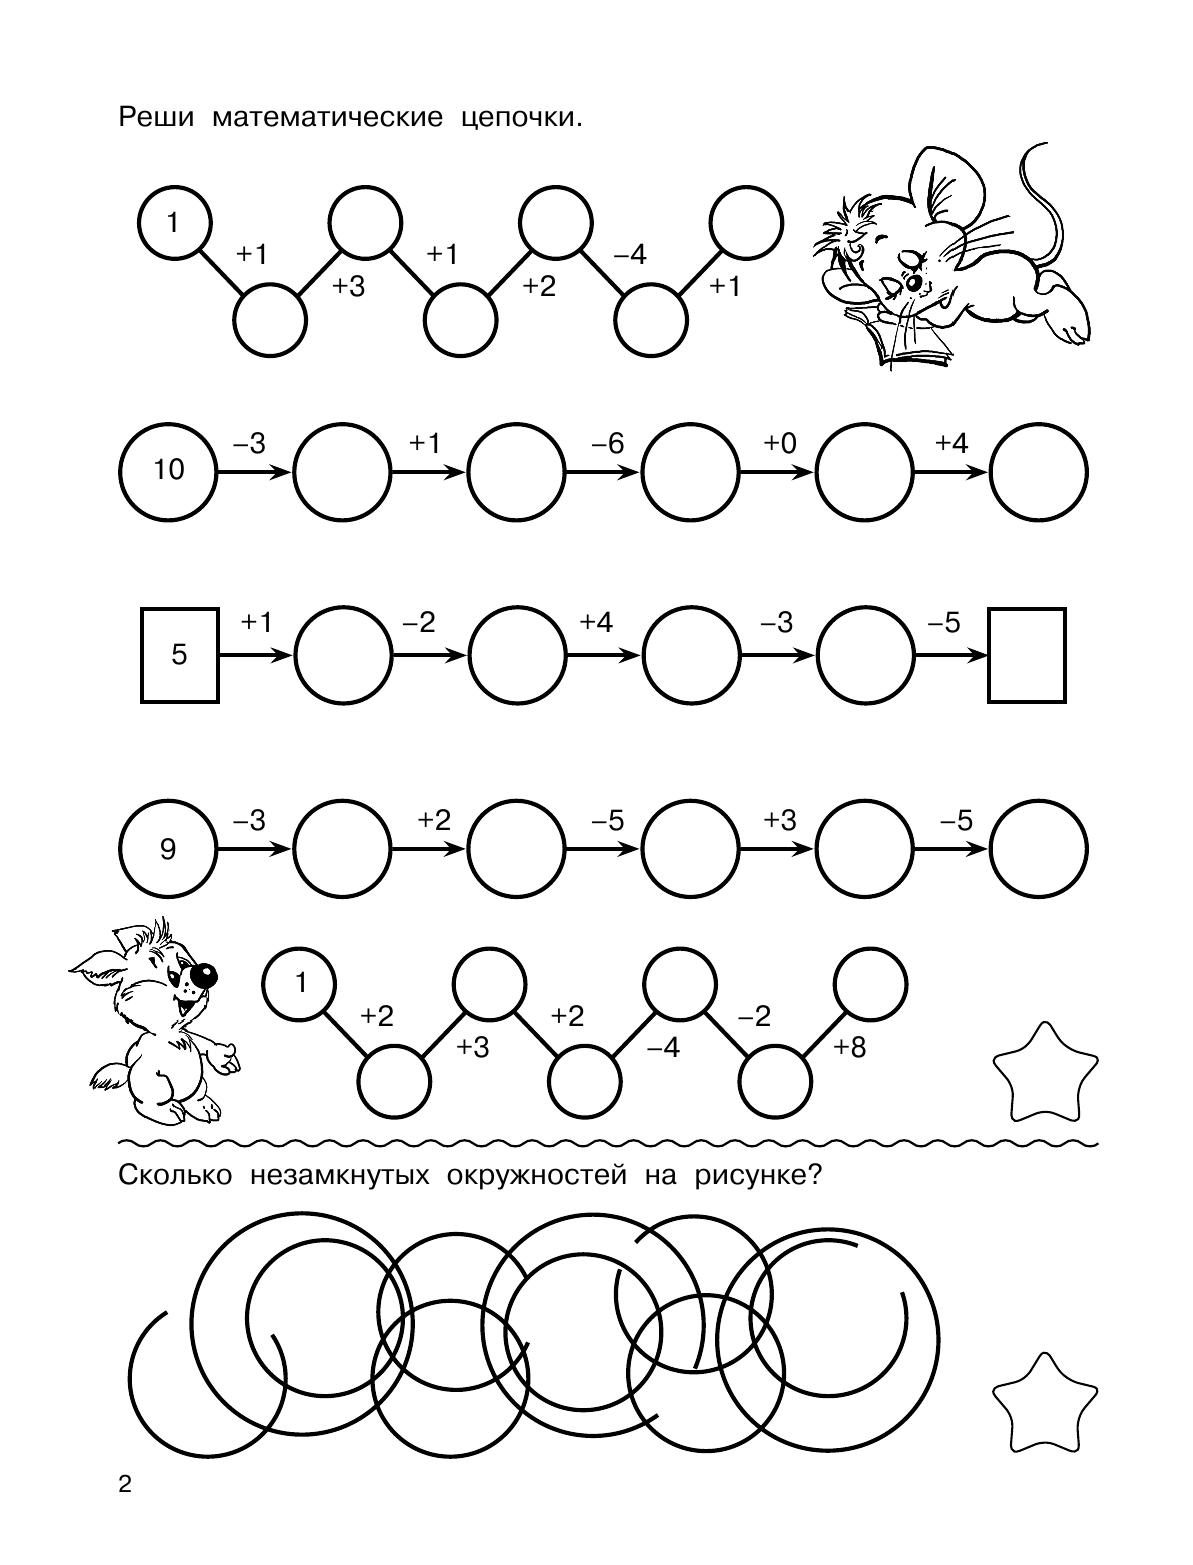 Картинка цепочка примеров ожидала